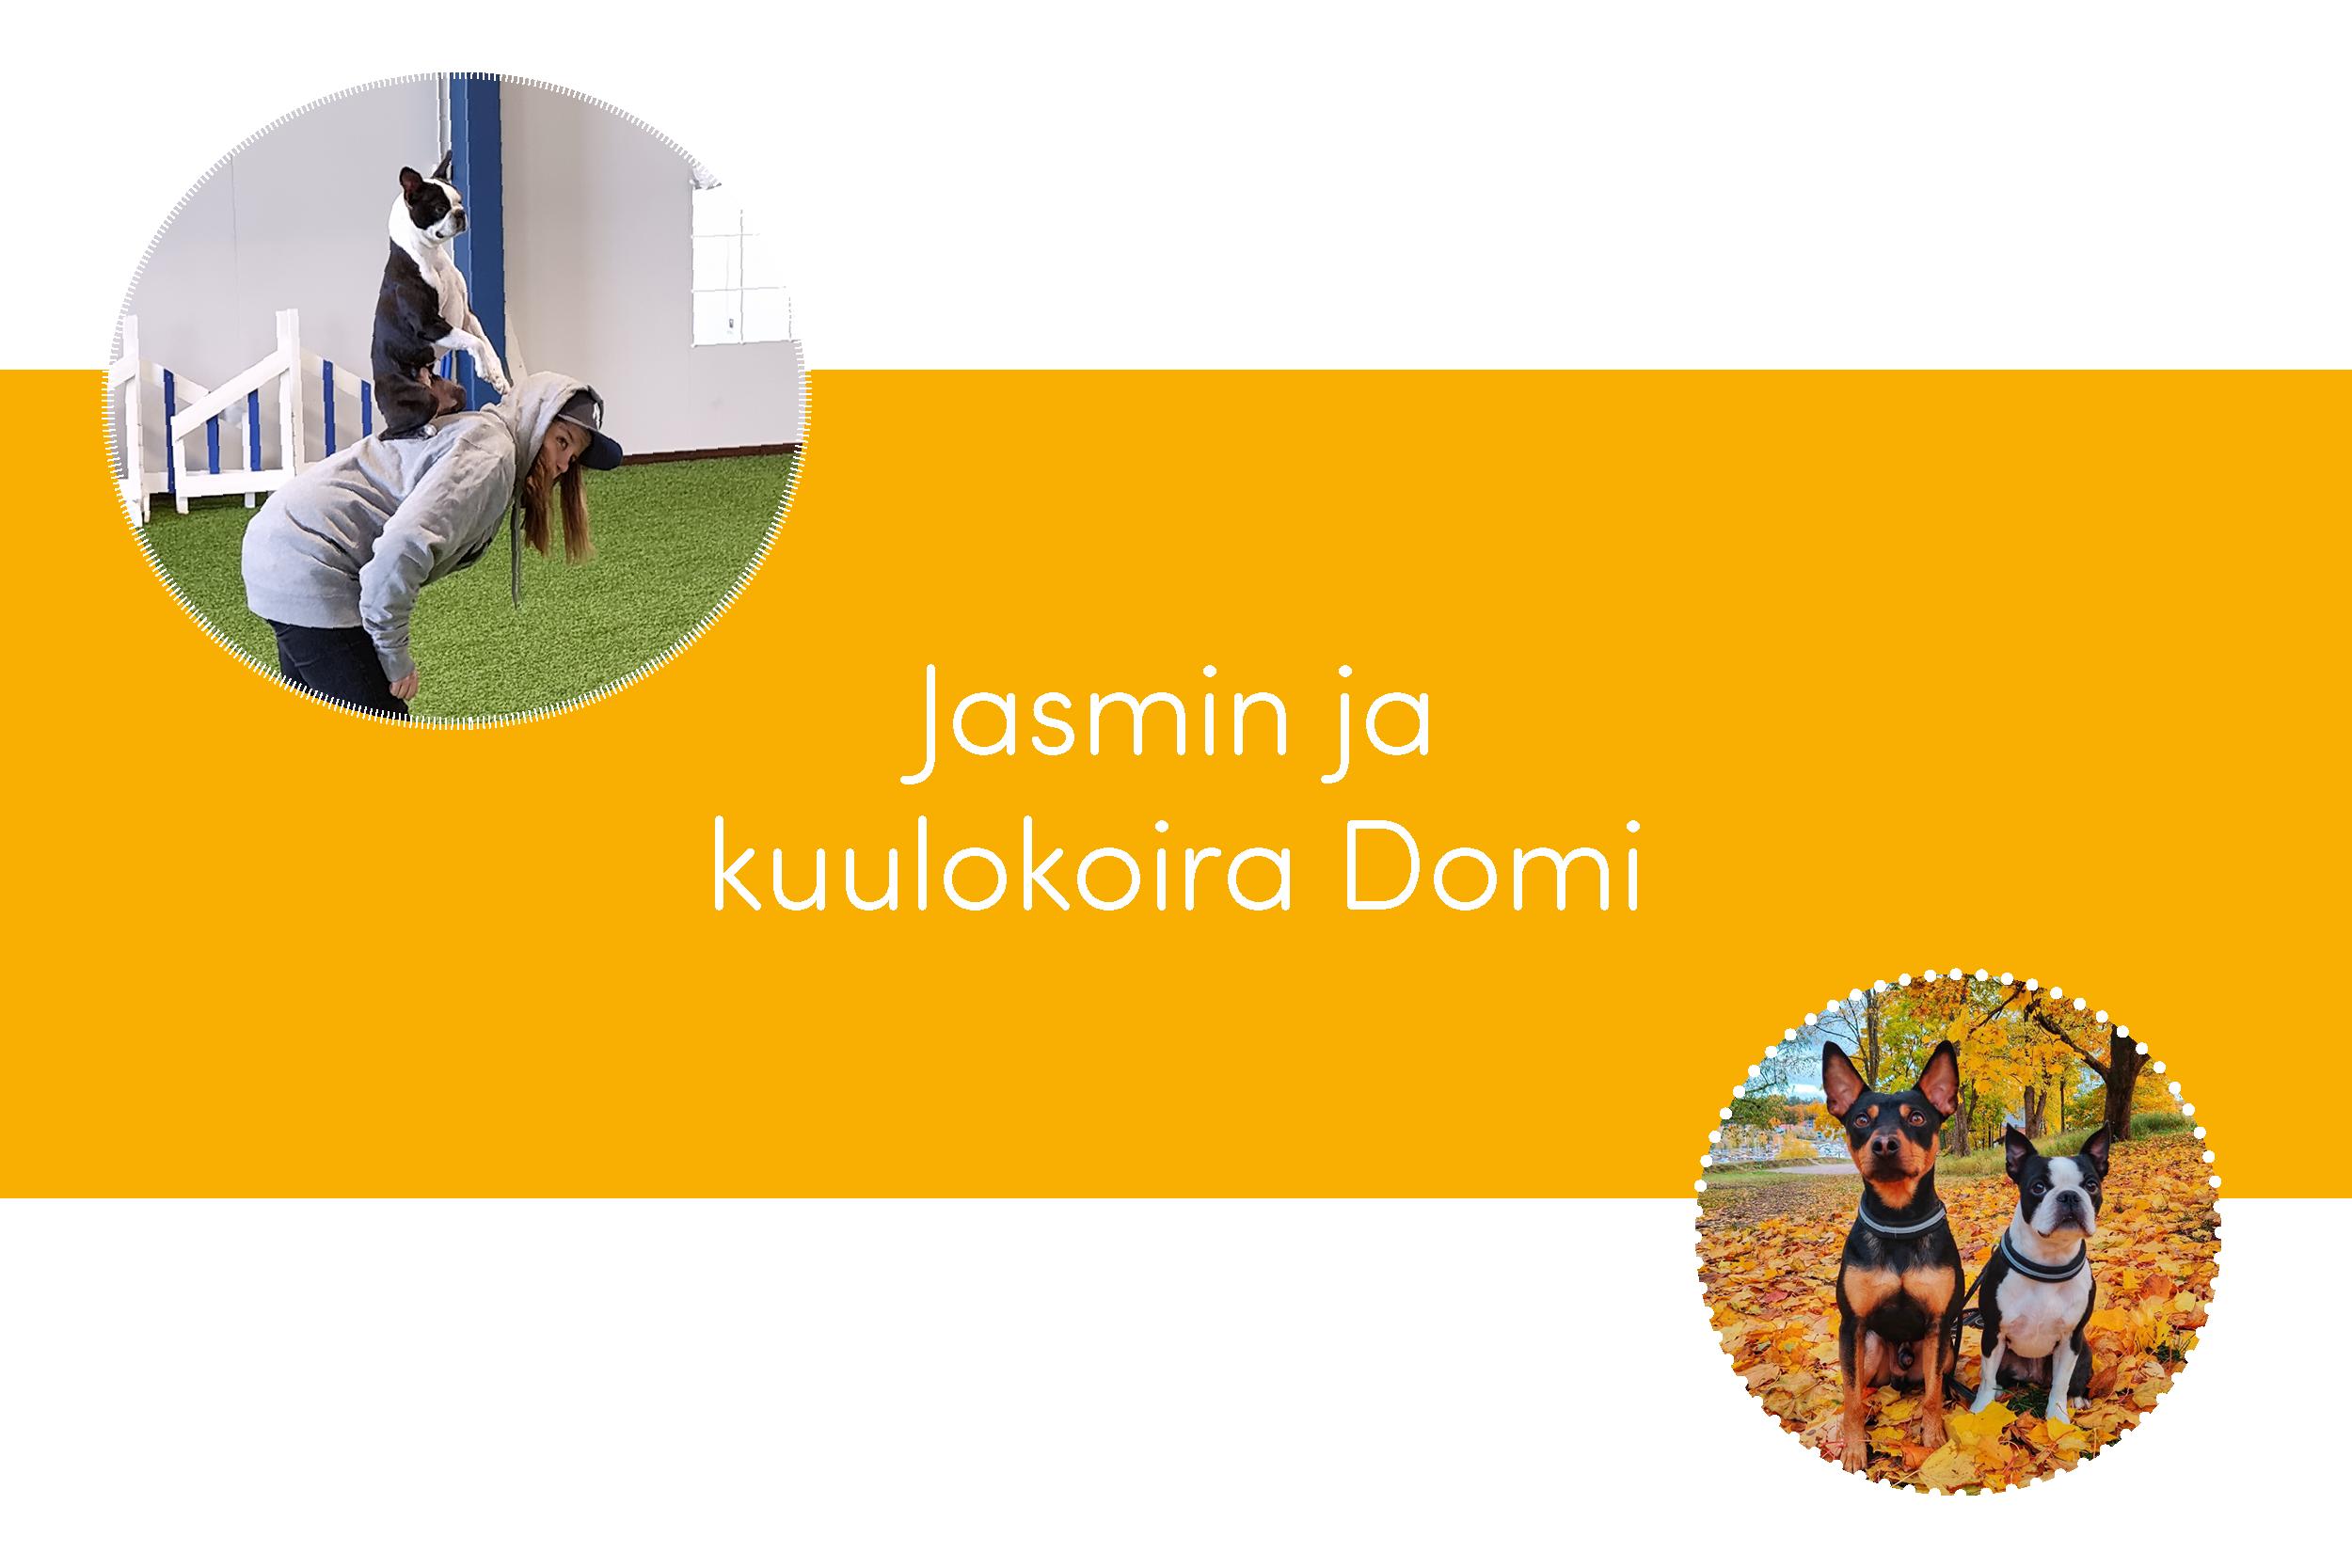 Kuvissa Jasu, Domi ja Miki. Kuvan keskellä lukee Jasmin ja kuulokoira Domi